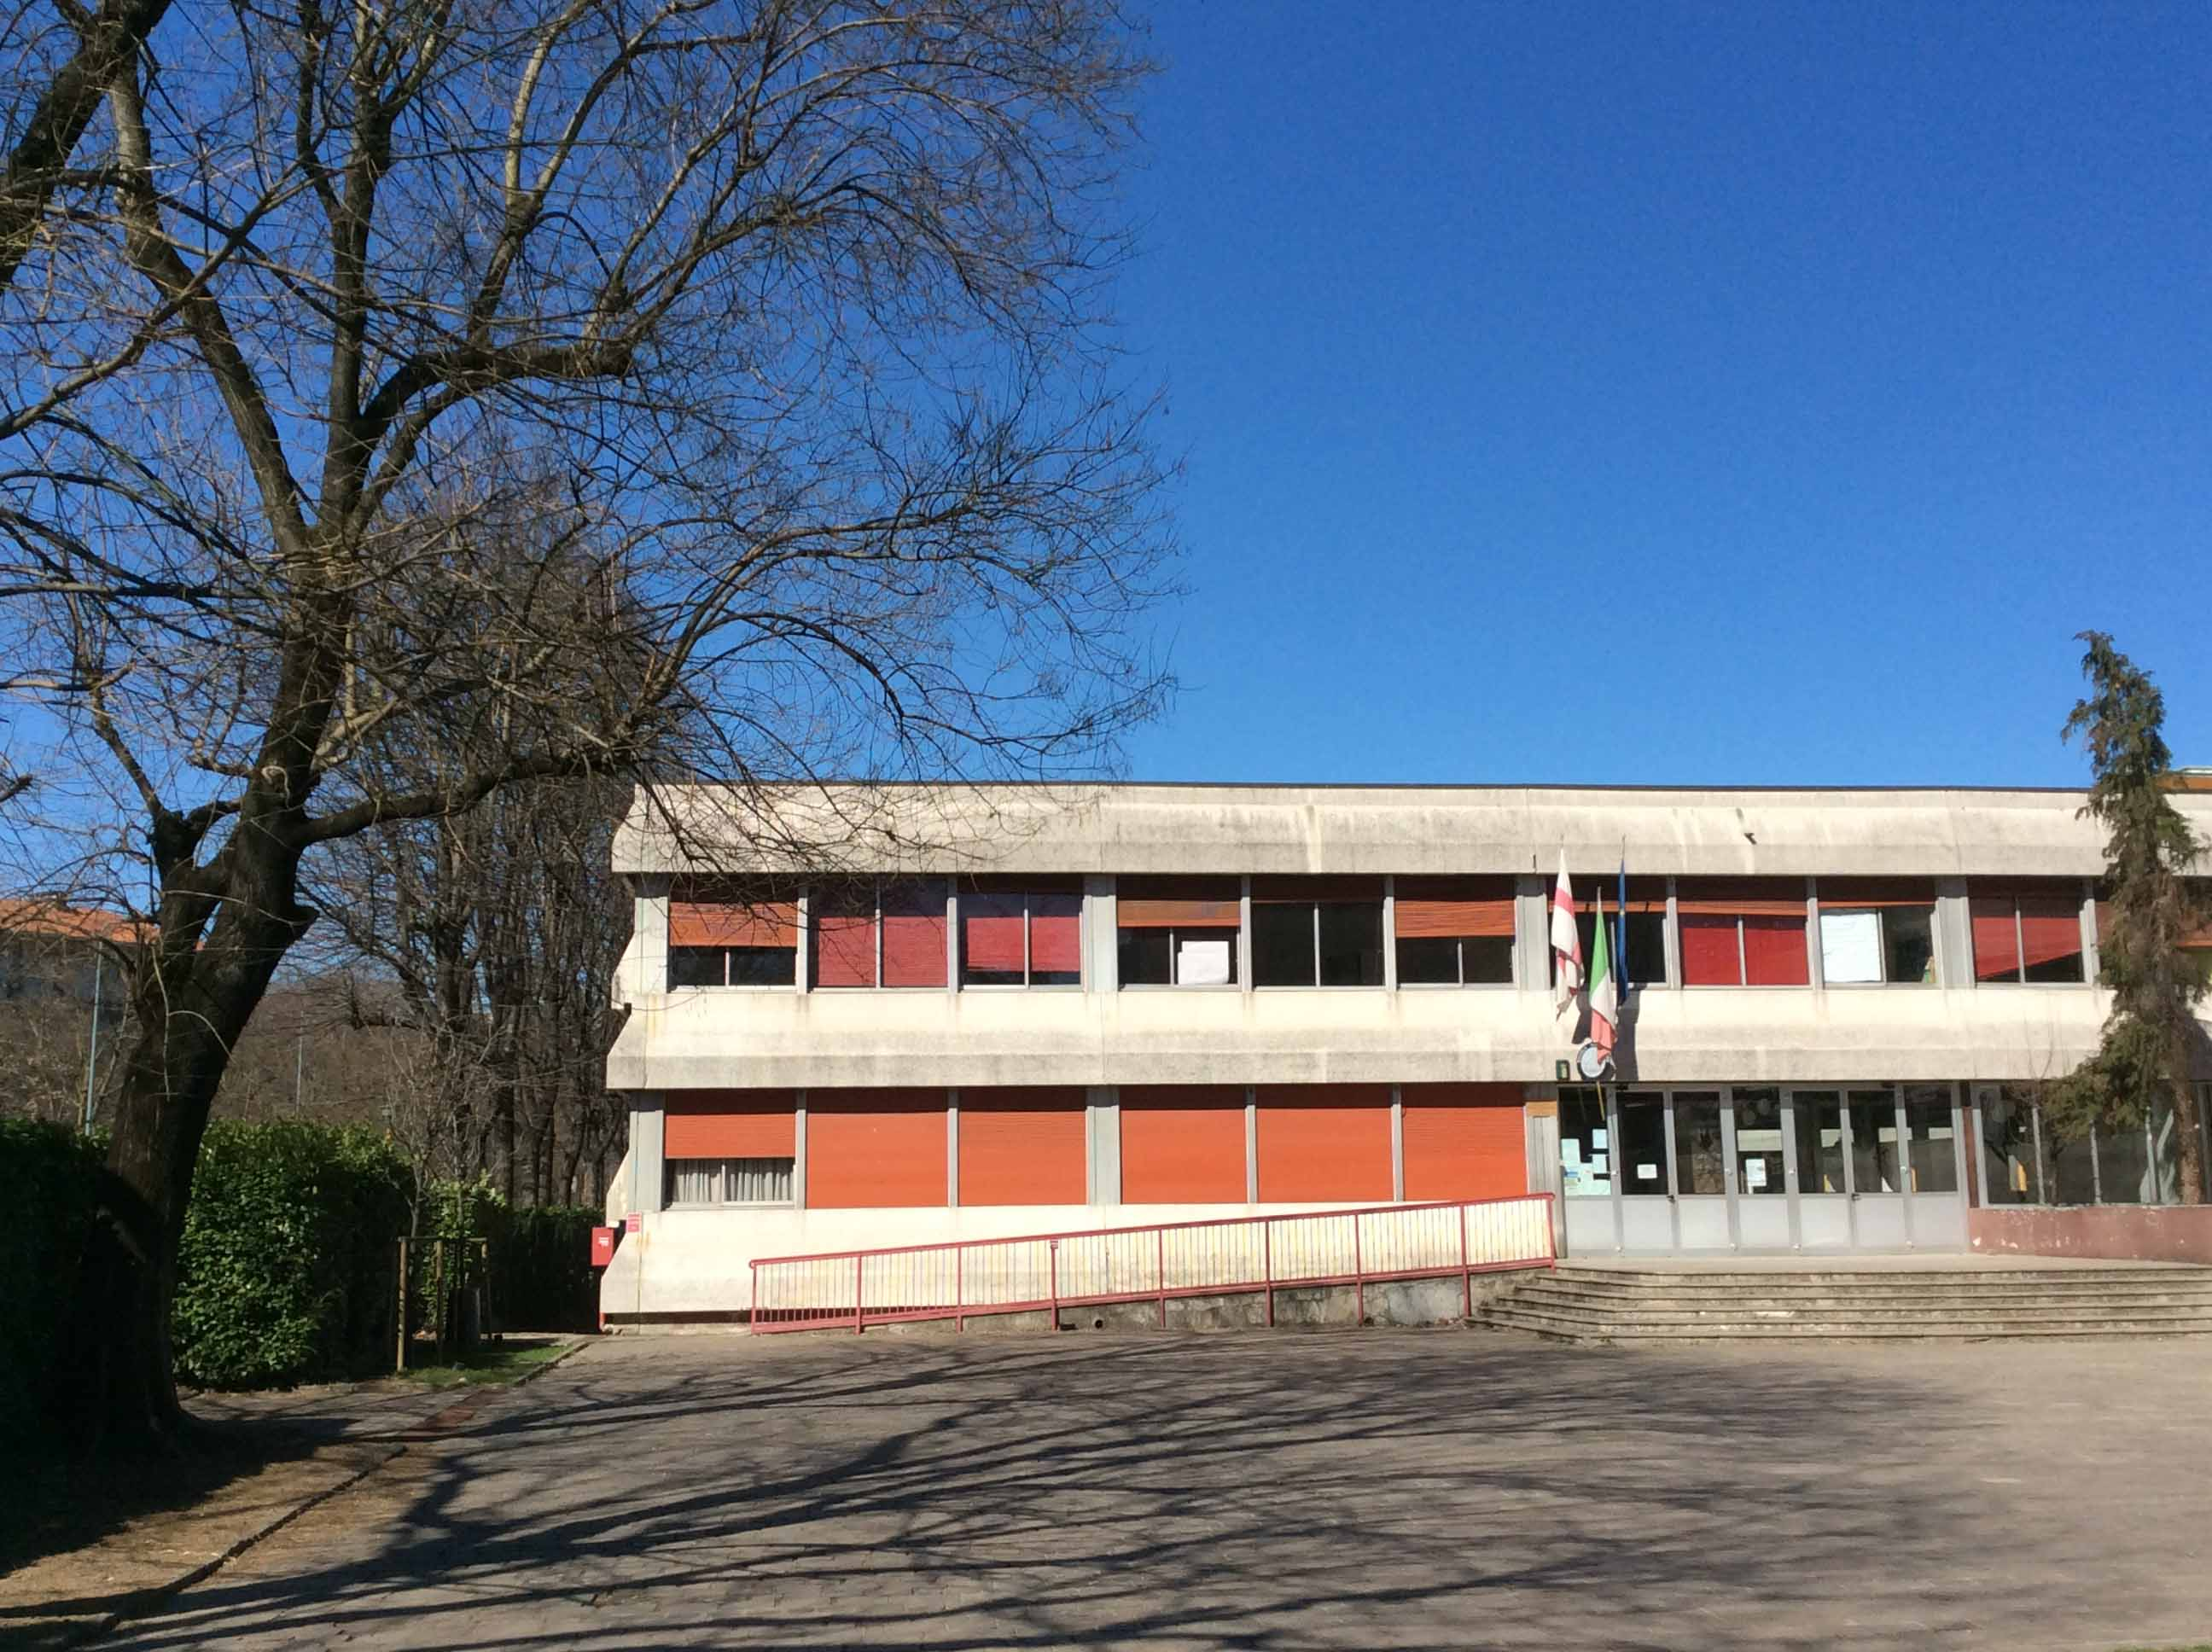 Progetti Esterni Scuola Primaria : Scuola primaria di cesana brianza u istituto comprensivo bosisio